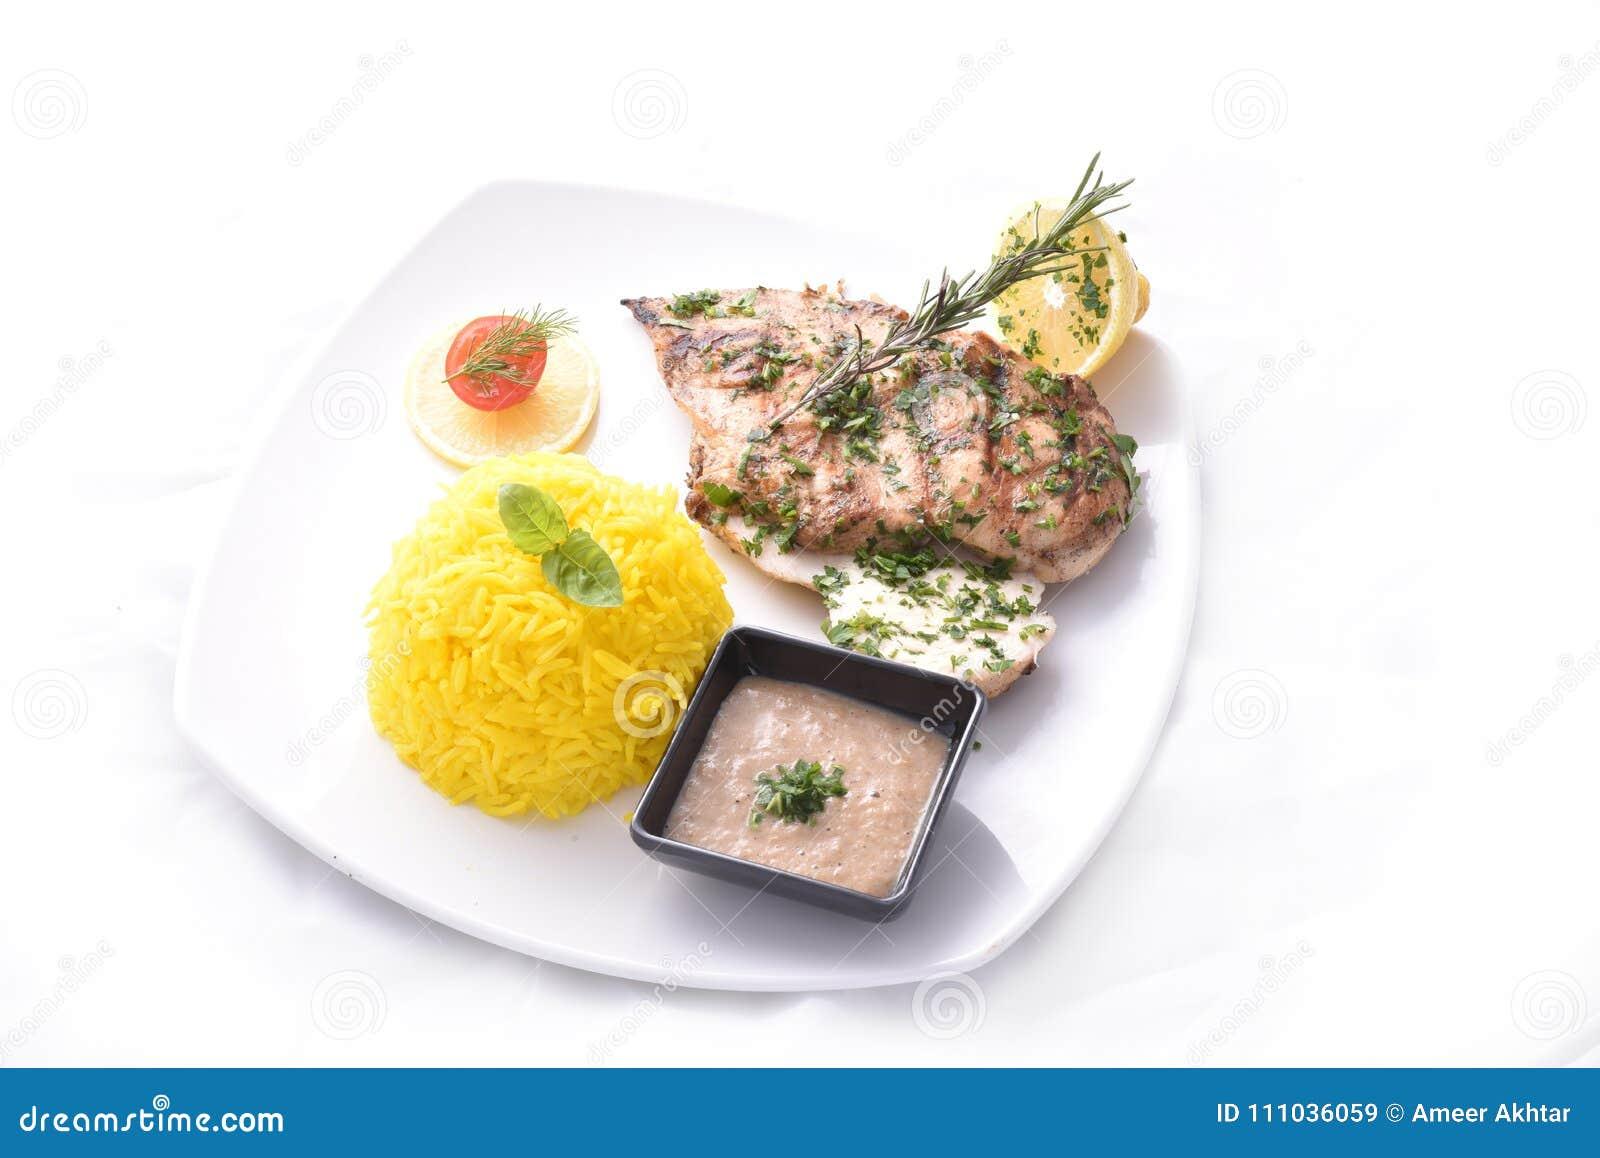 arroz y pollo dieta